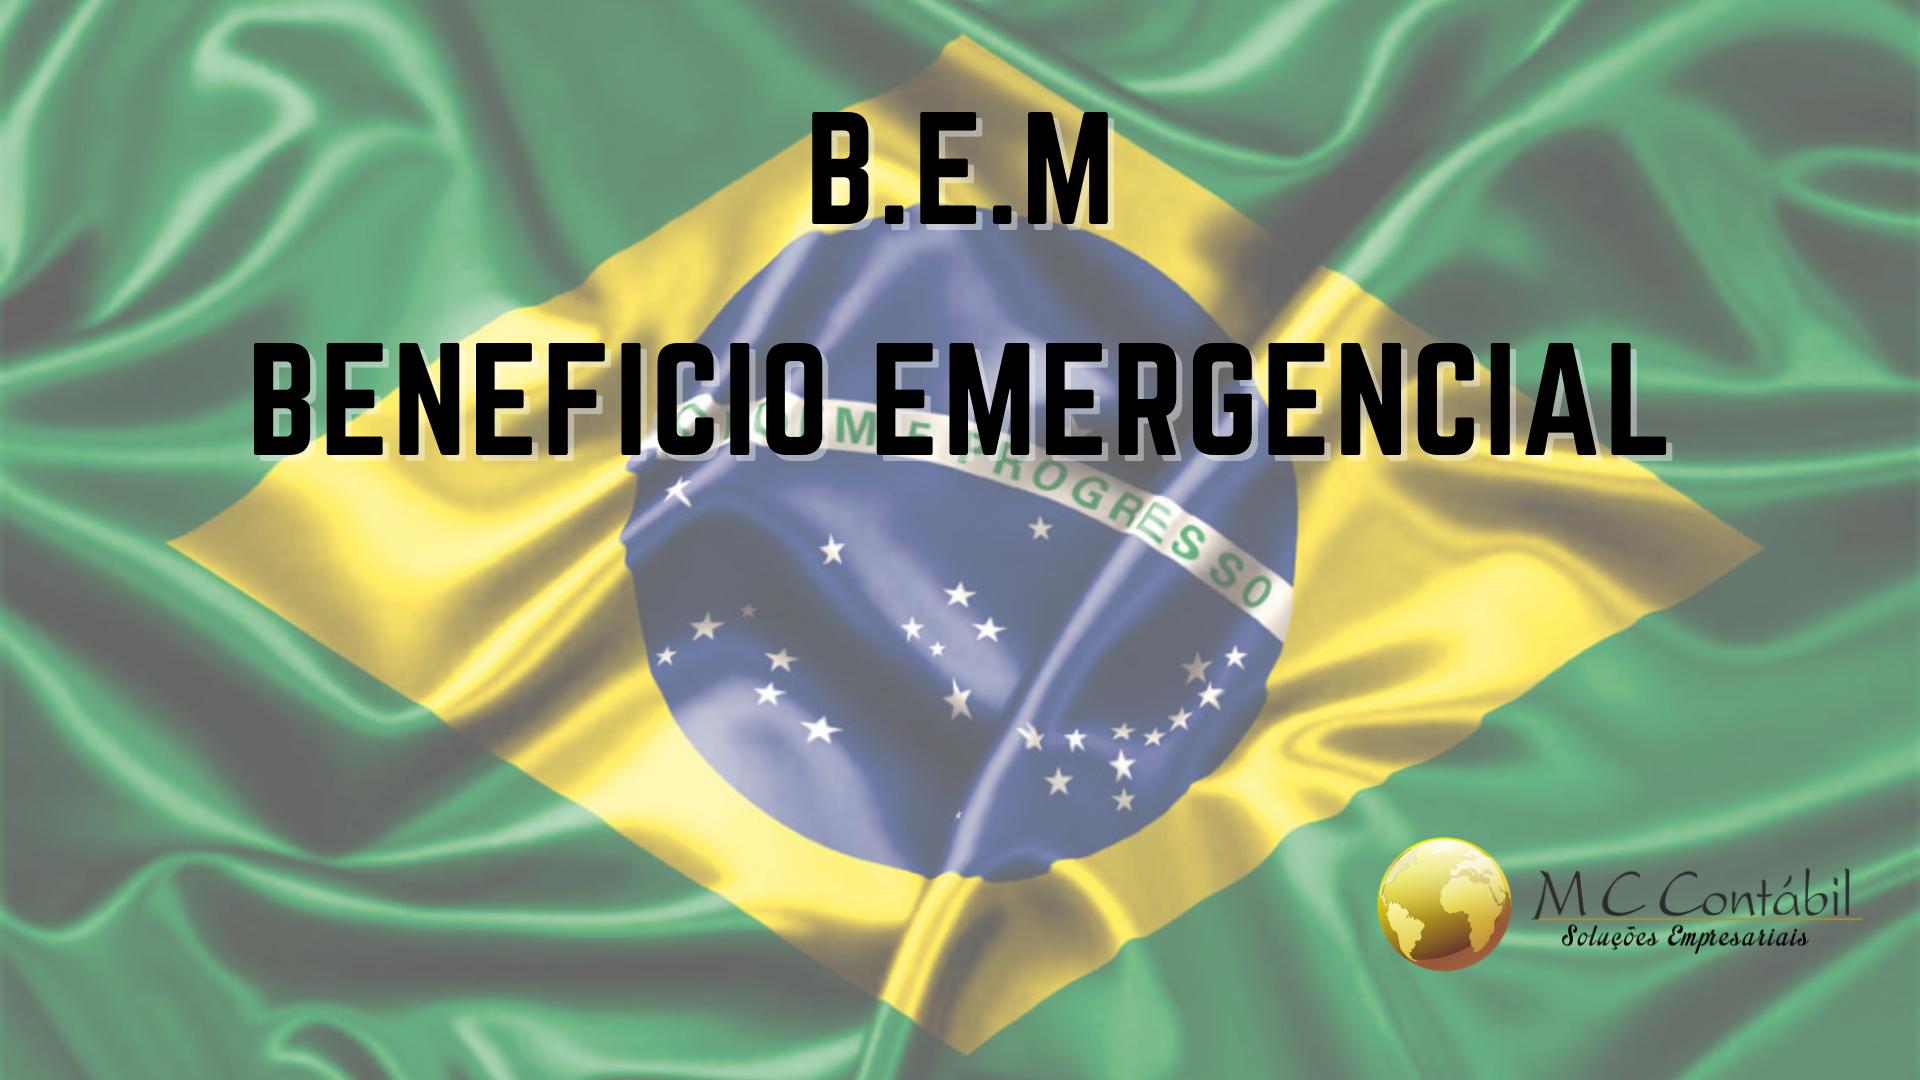 B.E.M Benefício Emergencial 2021